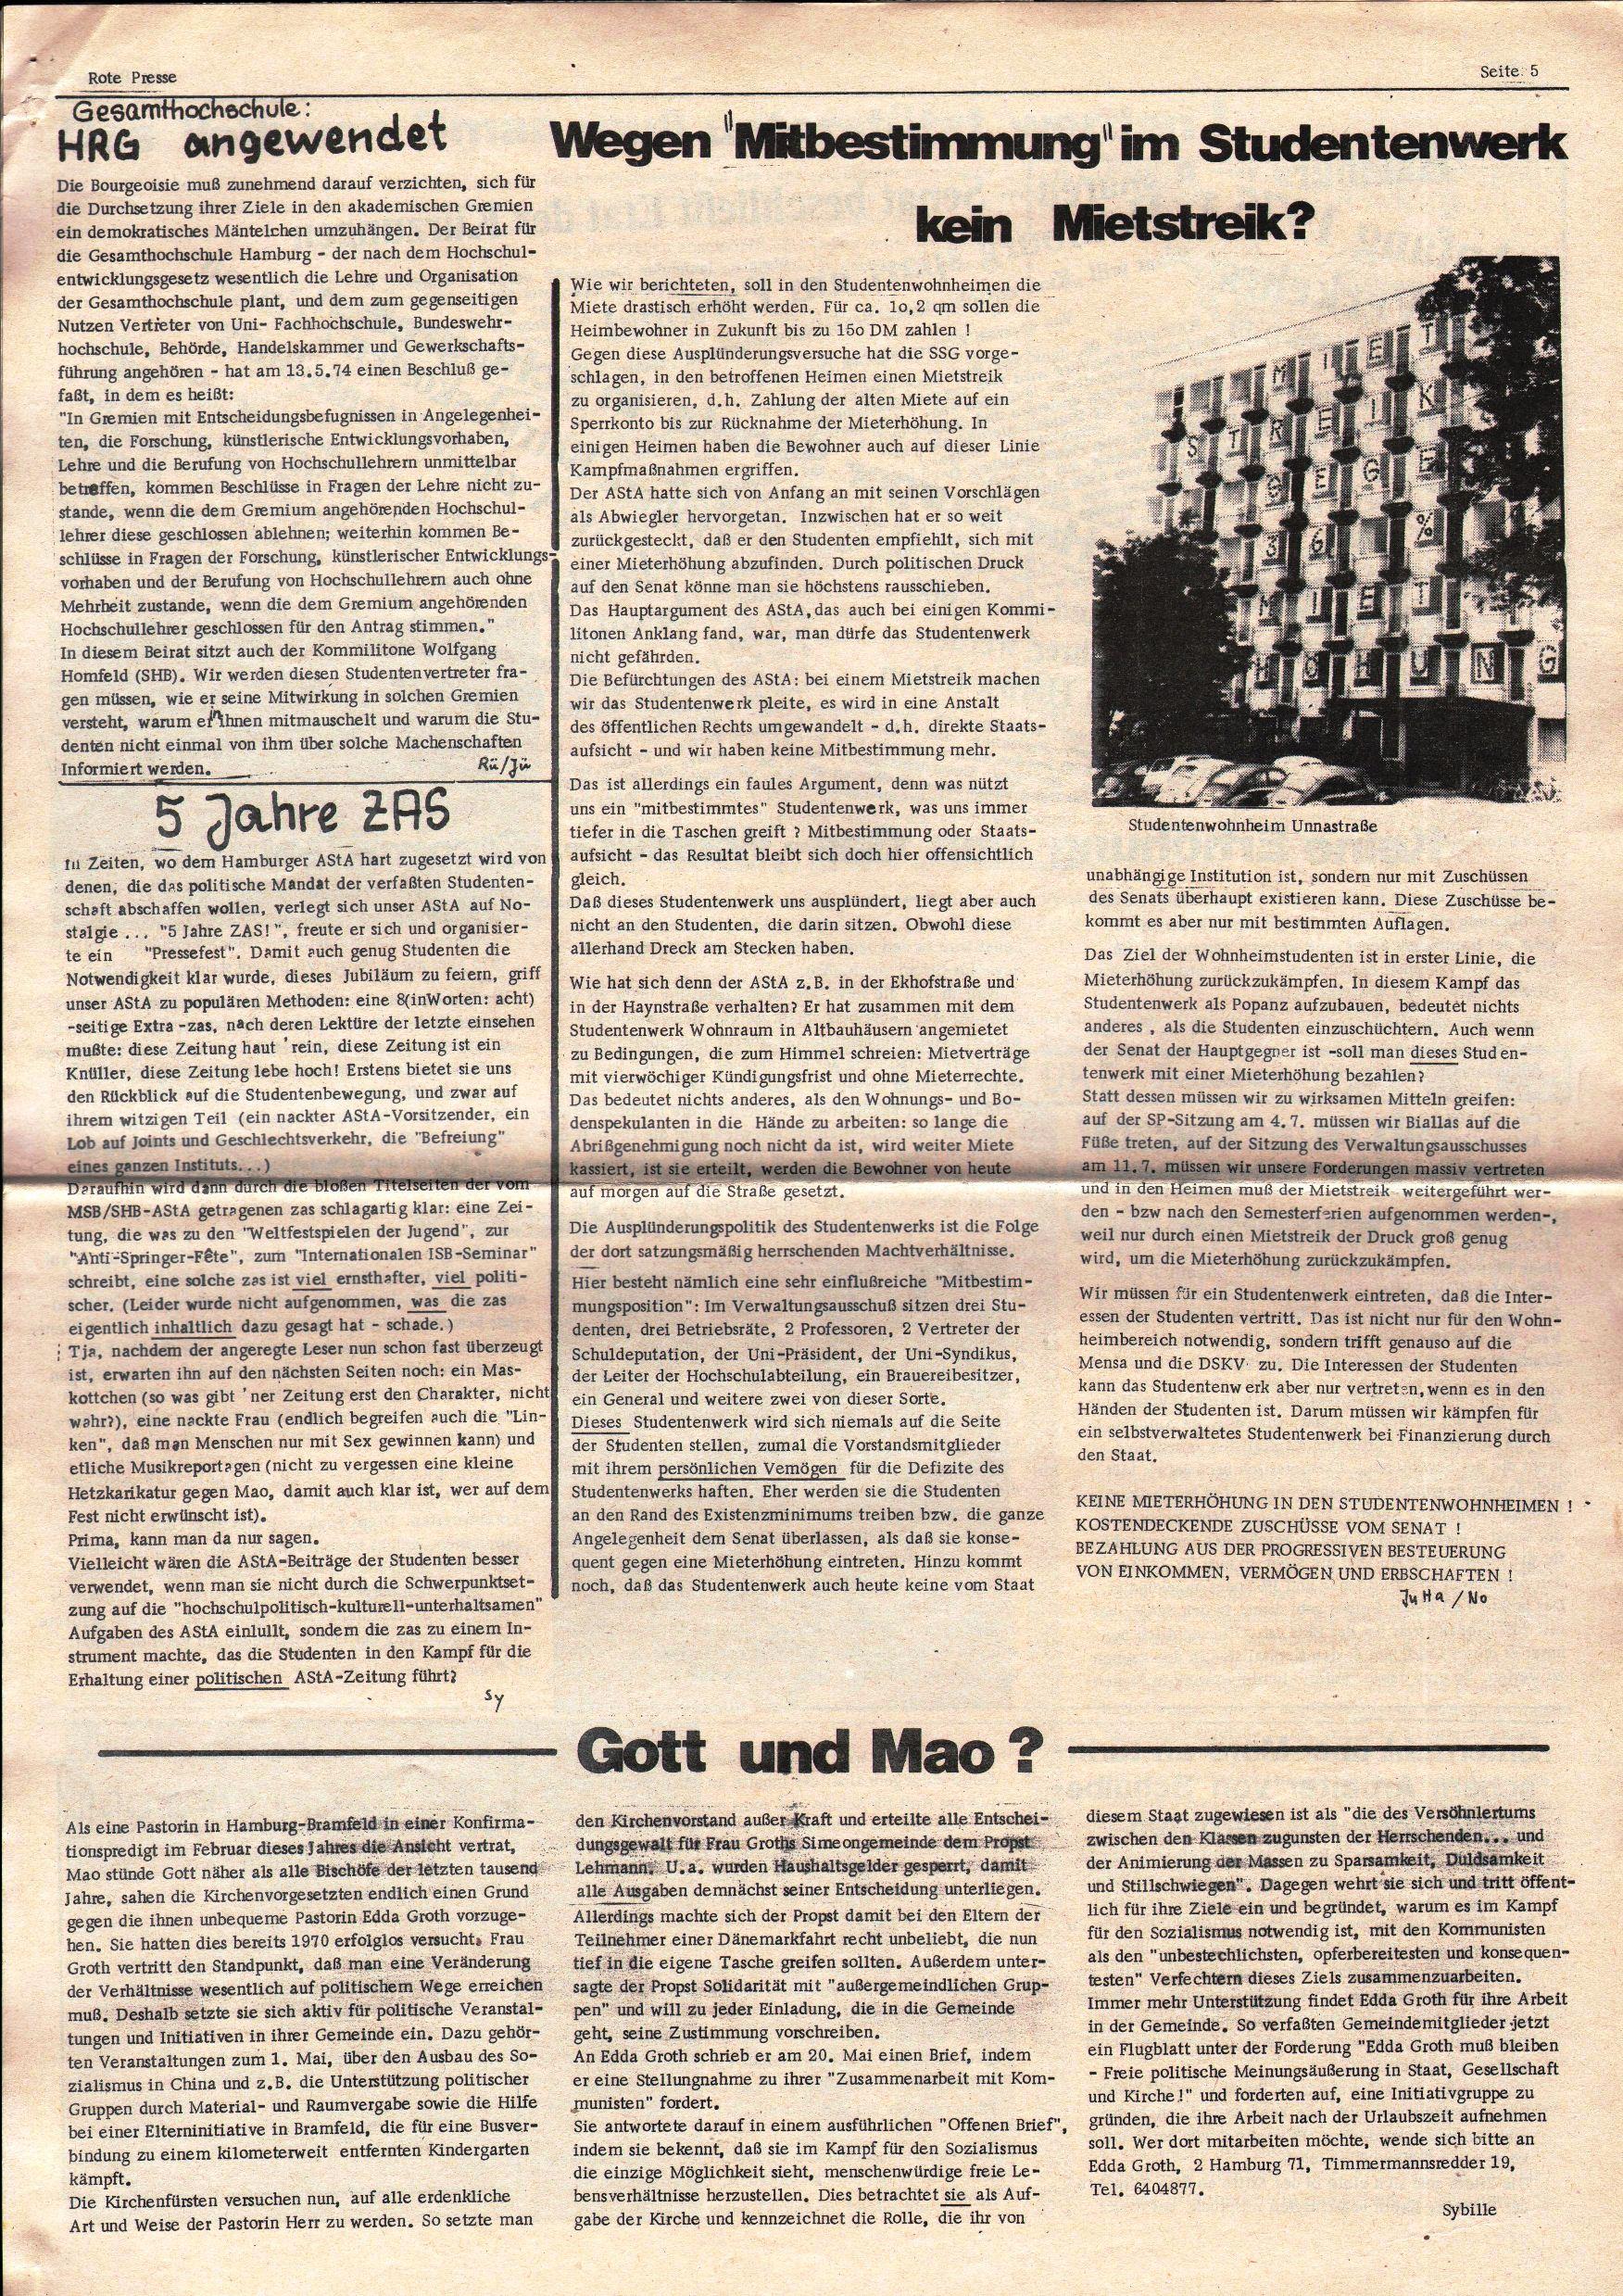 Hamburg_Rote_Presse423